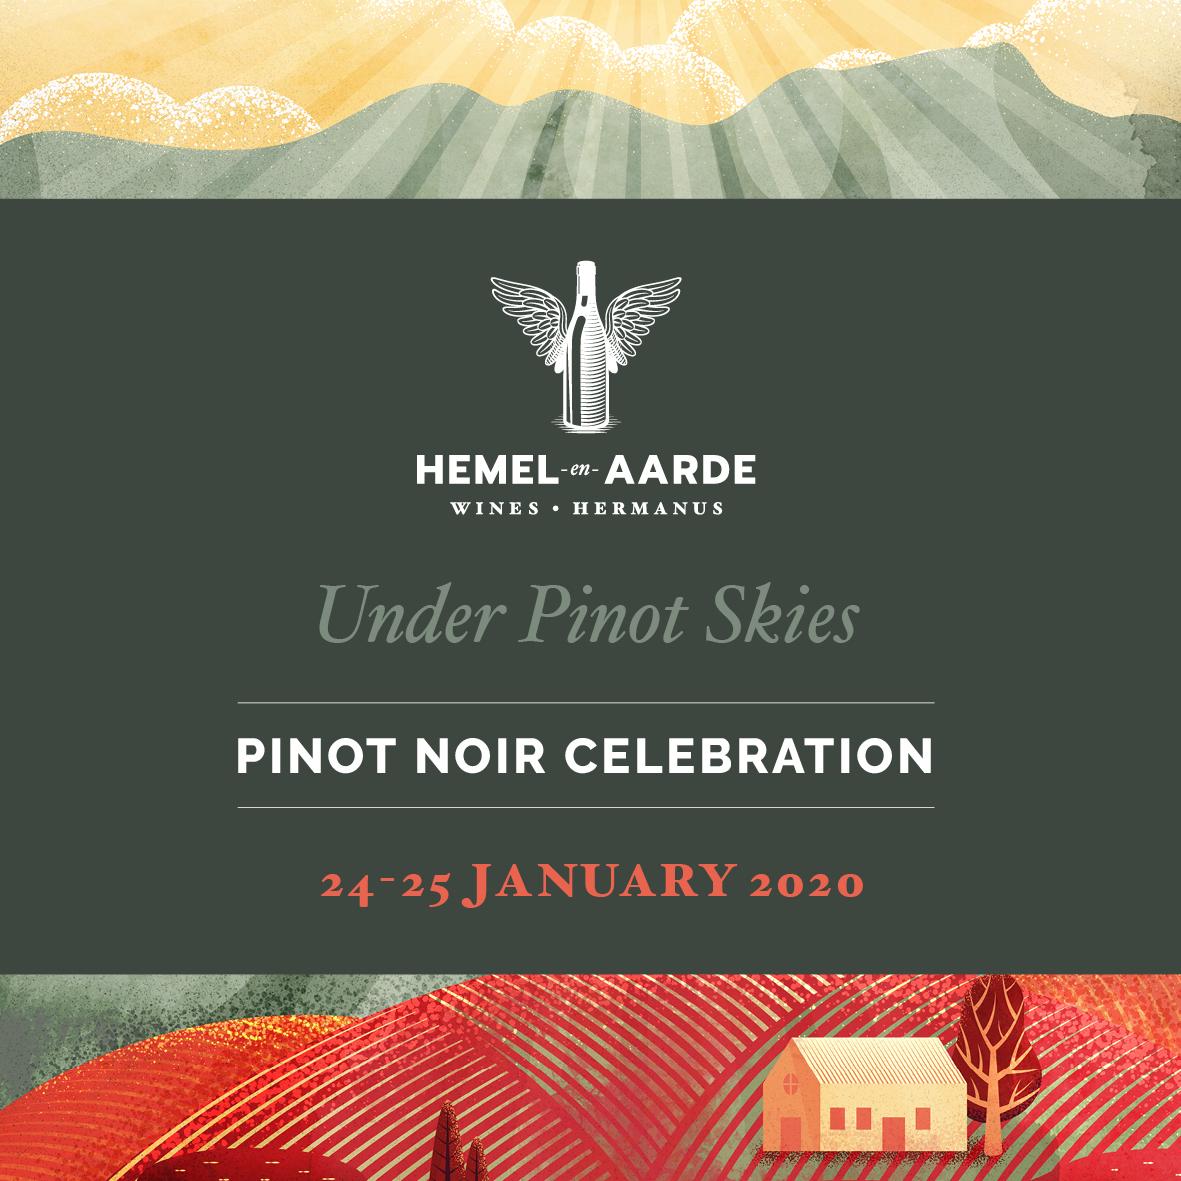 Hemel-en-Aarde Pinot Noir Celebration